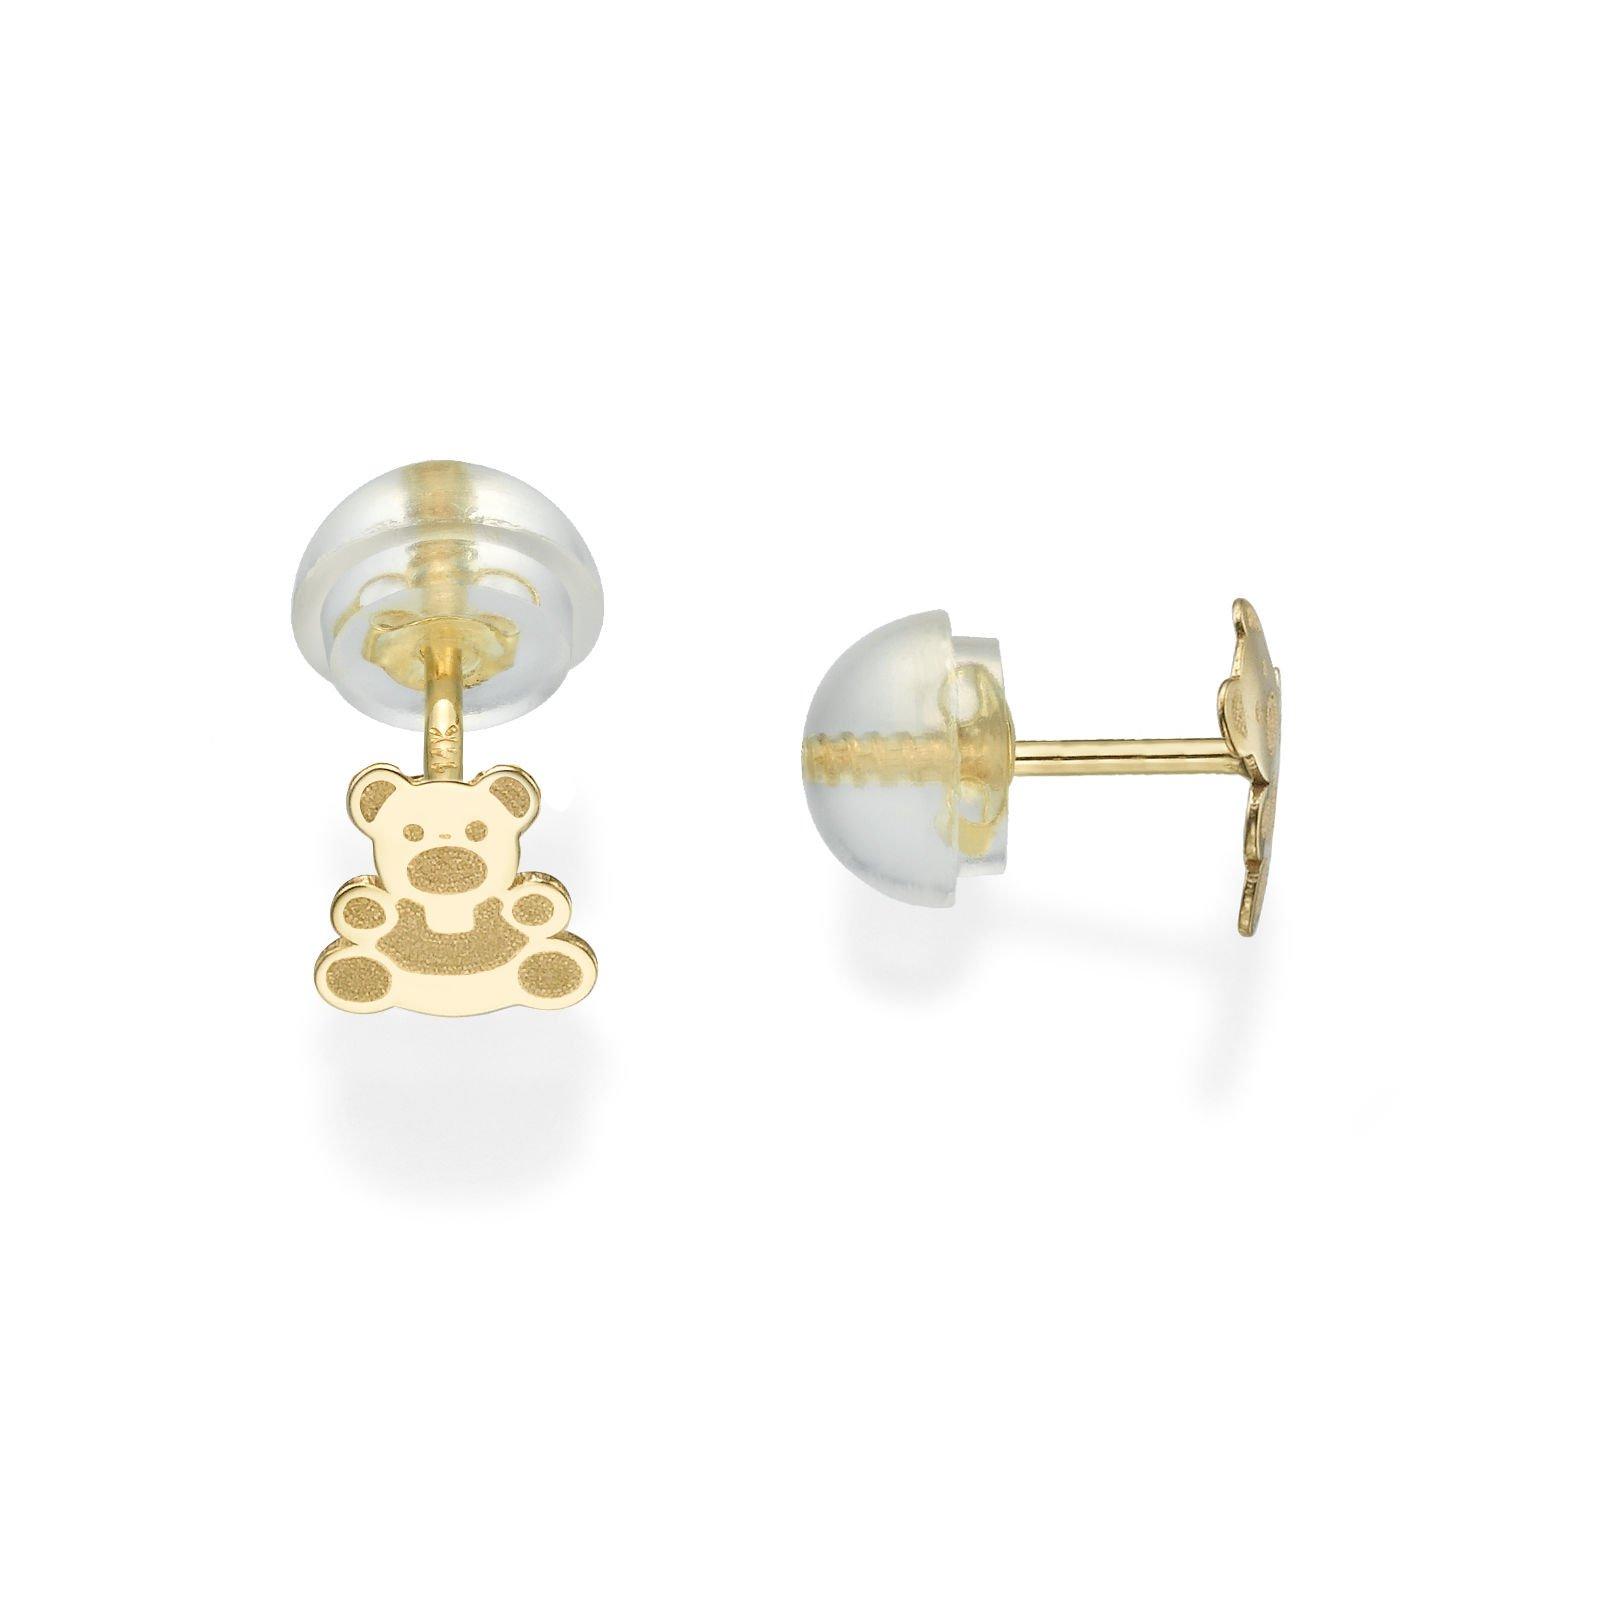 14K Fine Yellow Gold Enamel Bear Screw Back Stud Earrings for Girls Gift Children Kids